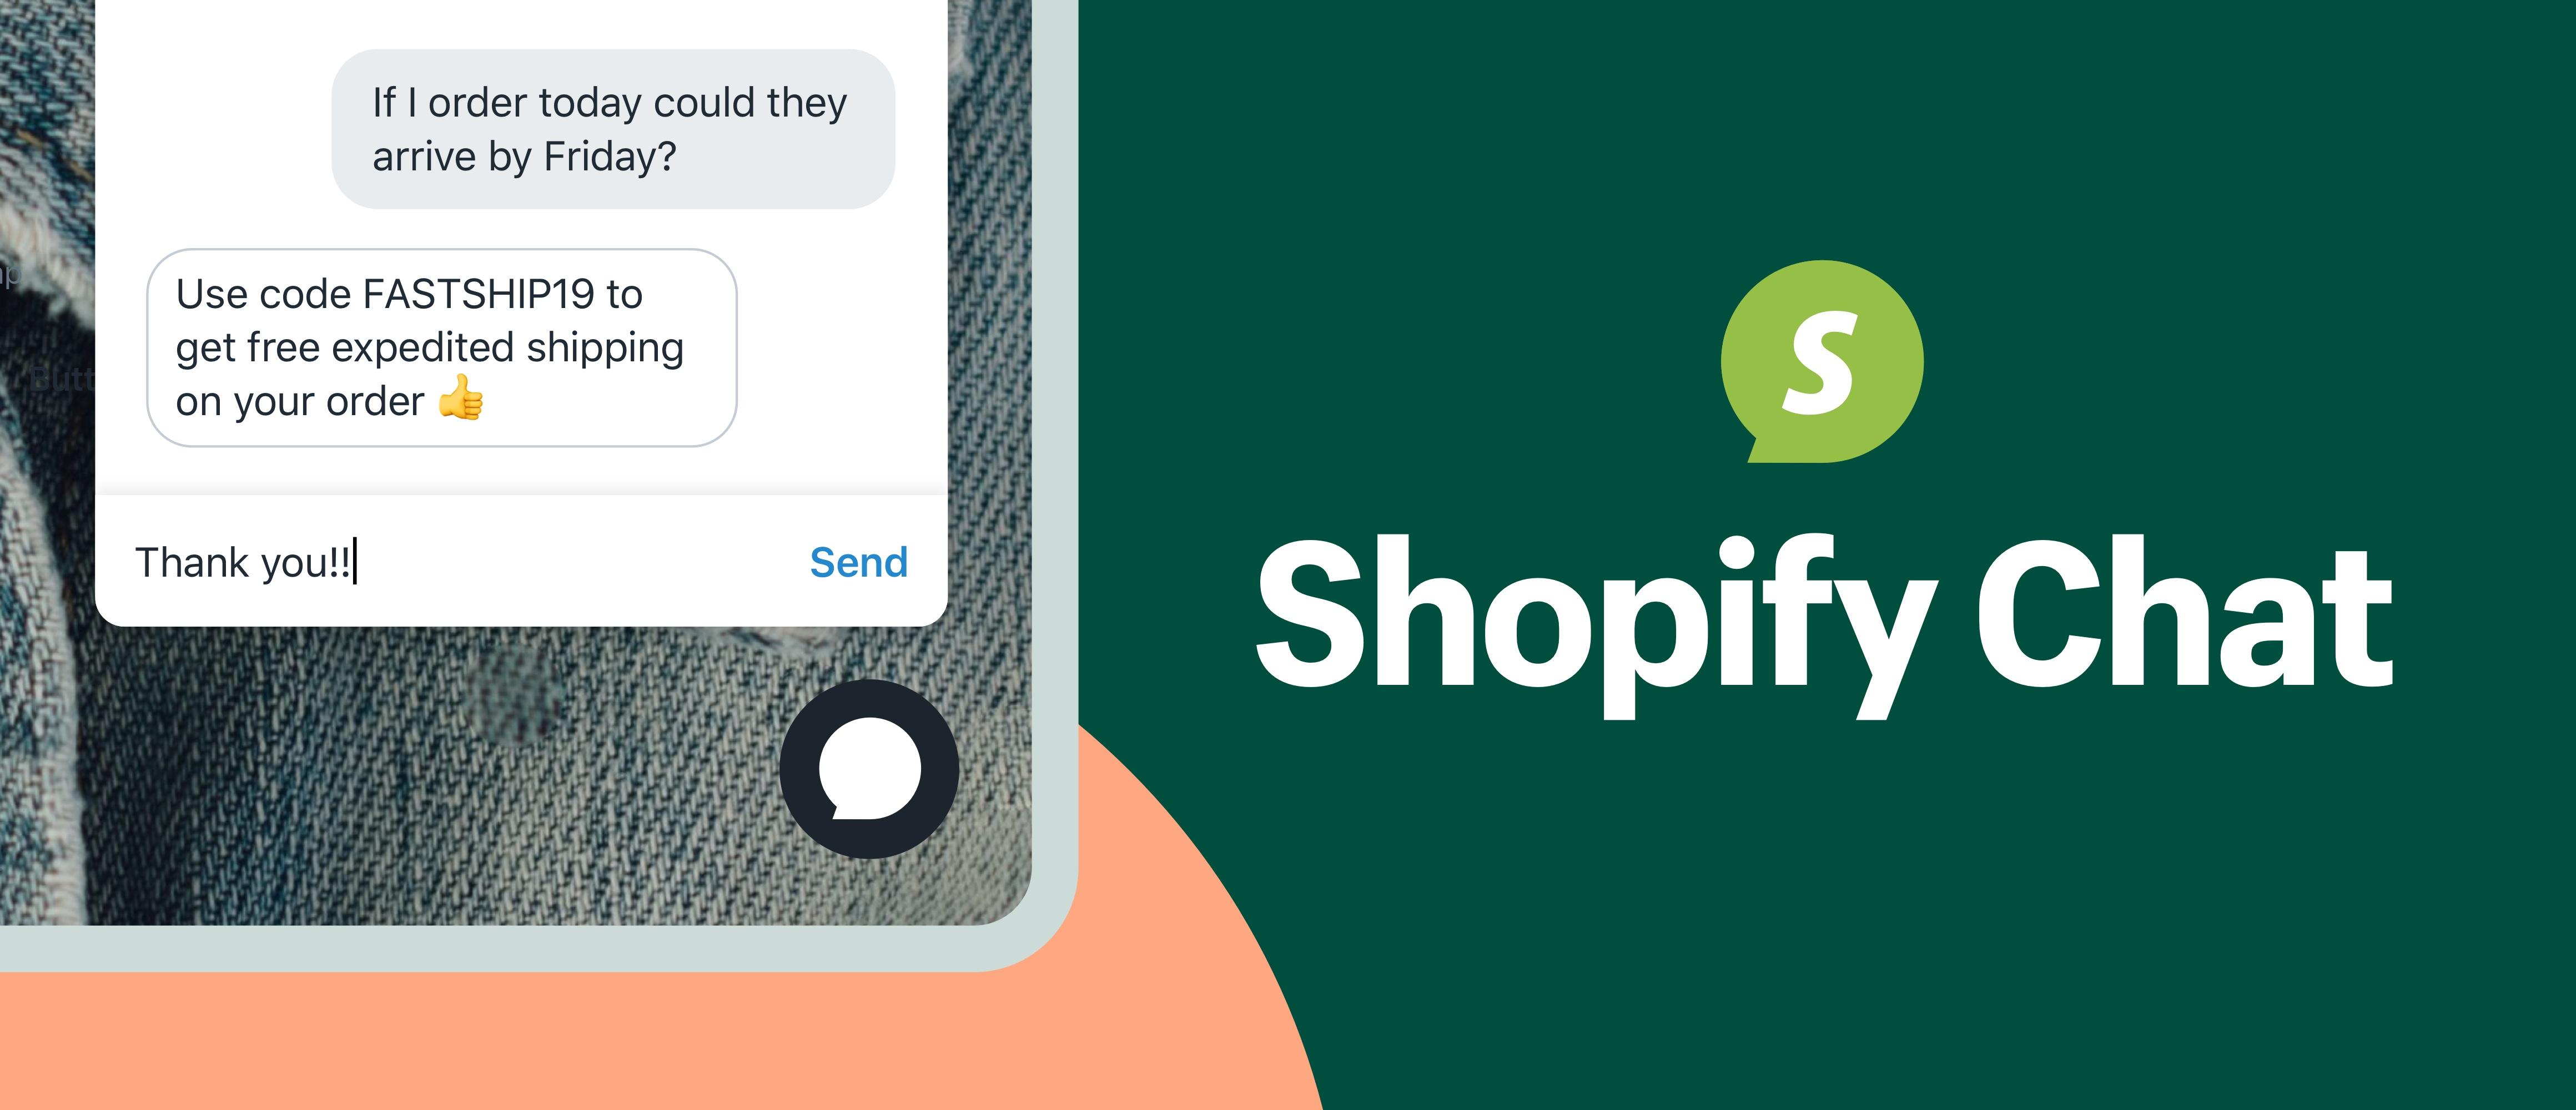 Shopify Chat